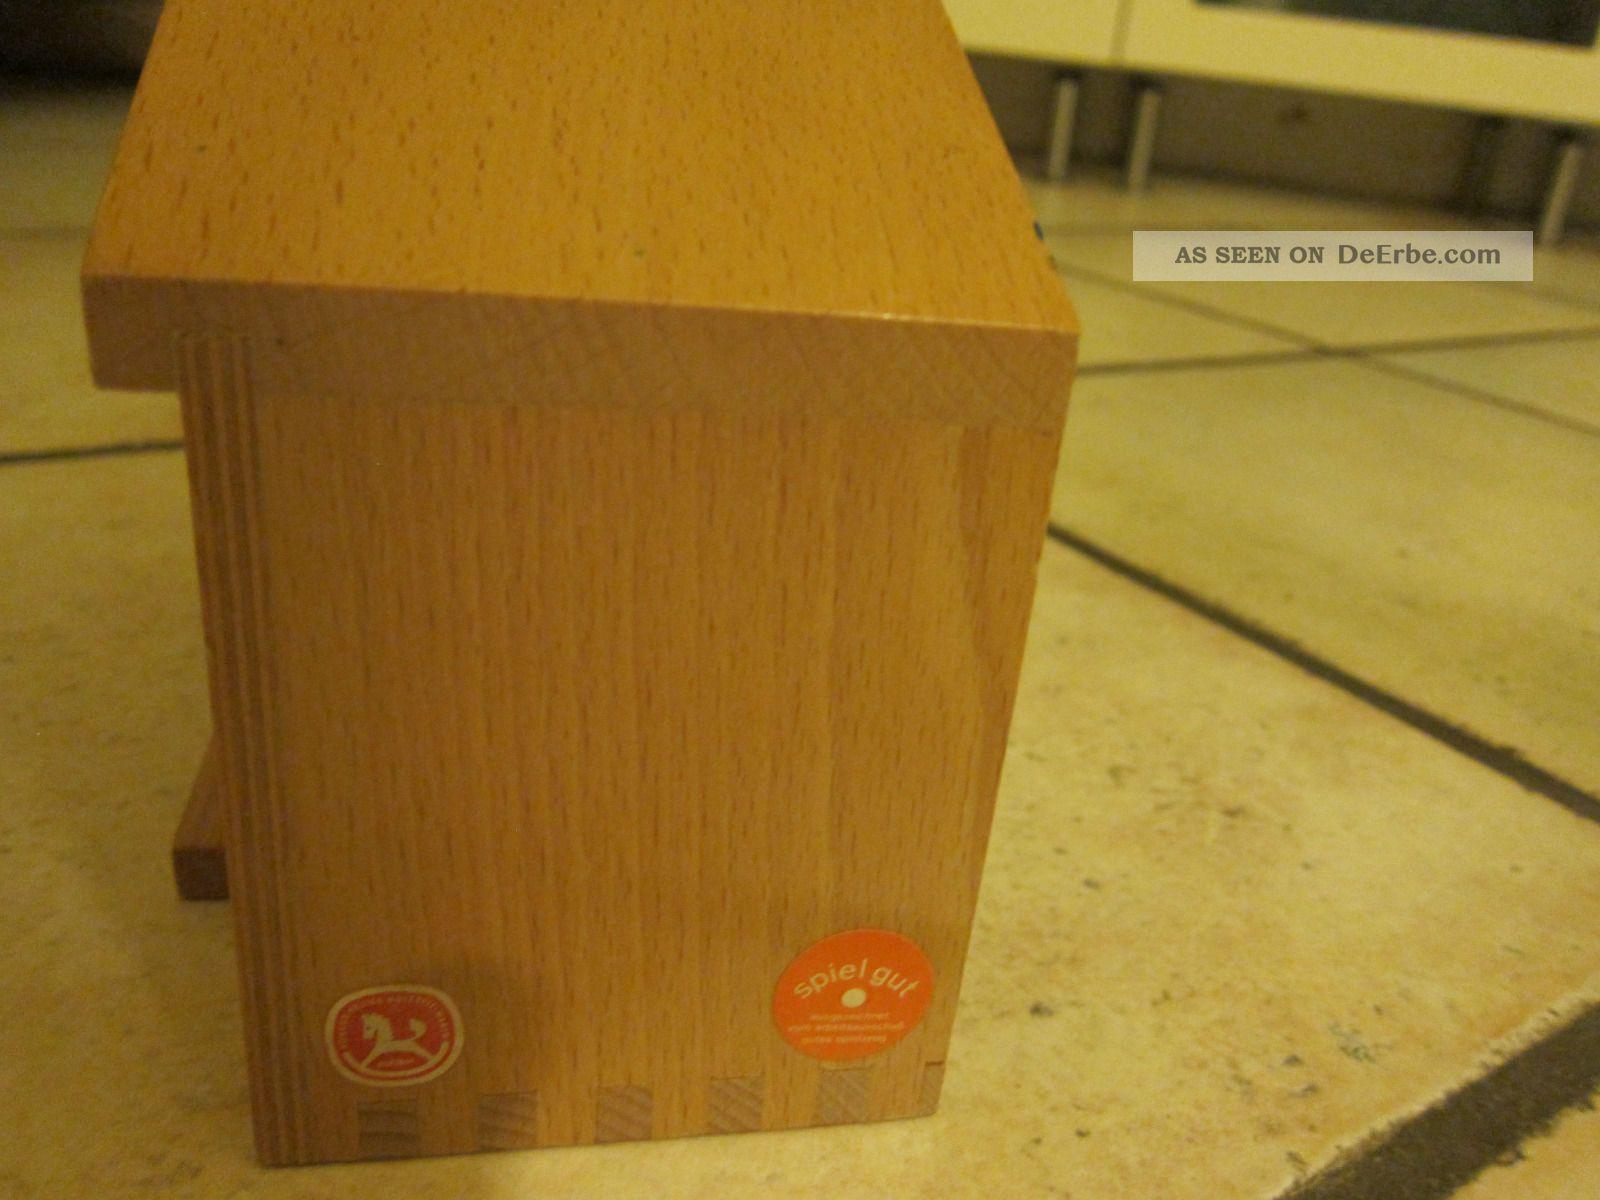 waldorf holzspielzeug kleine holzh user v konrad keller spielgut. Black Bedroom Furniture Sets. Home Design Ideas